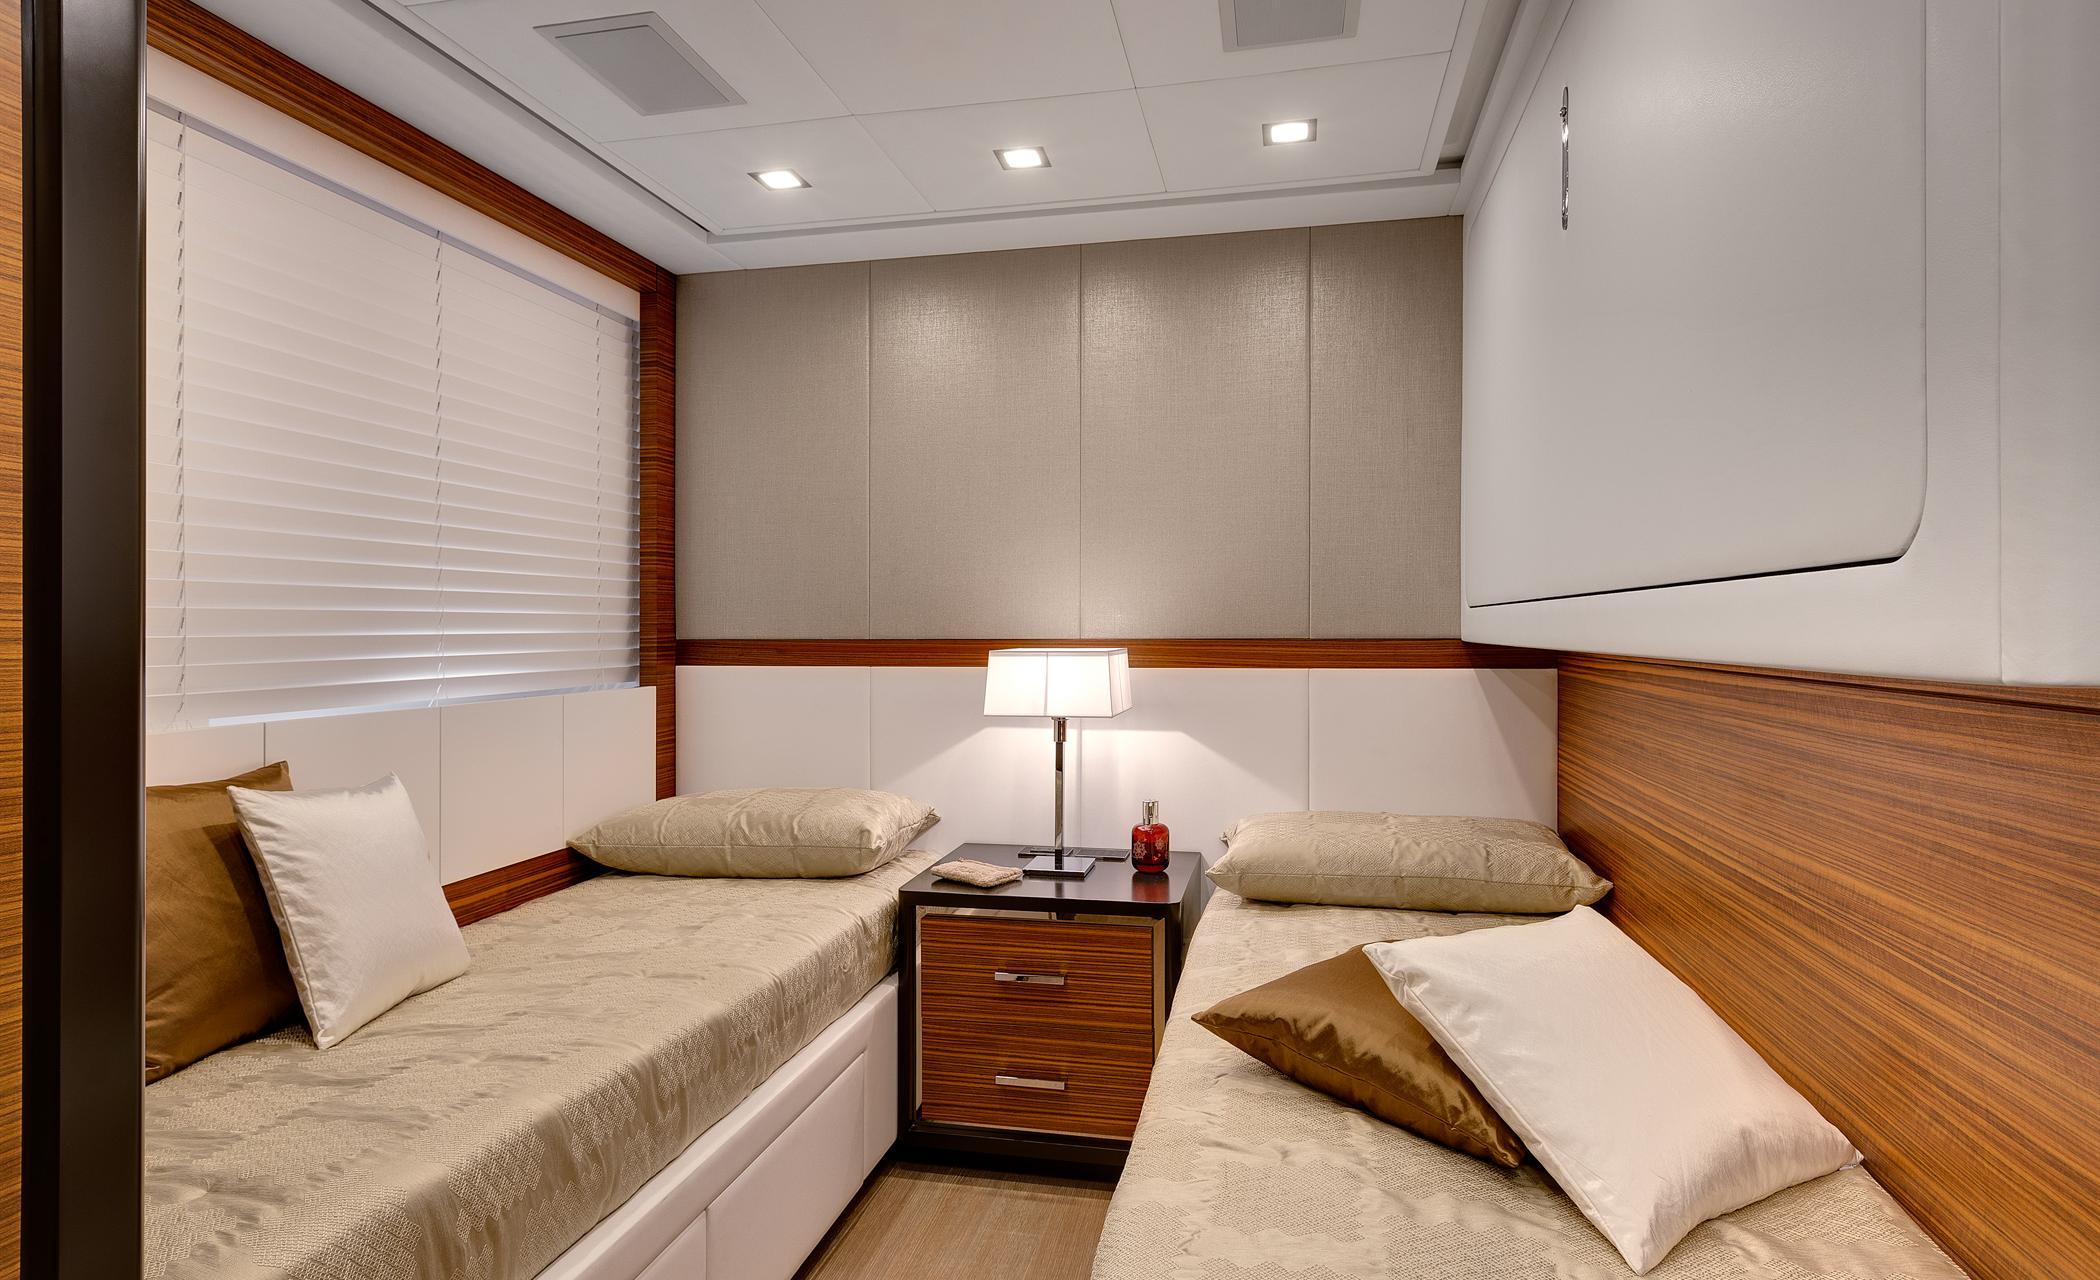 Motor yacht Mangusta 110 - Twin cabin